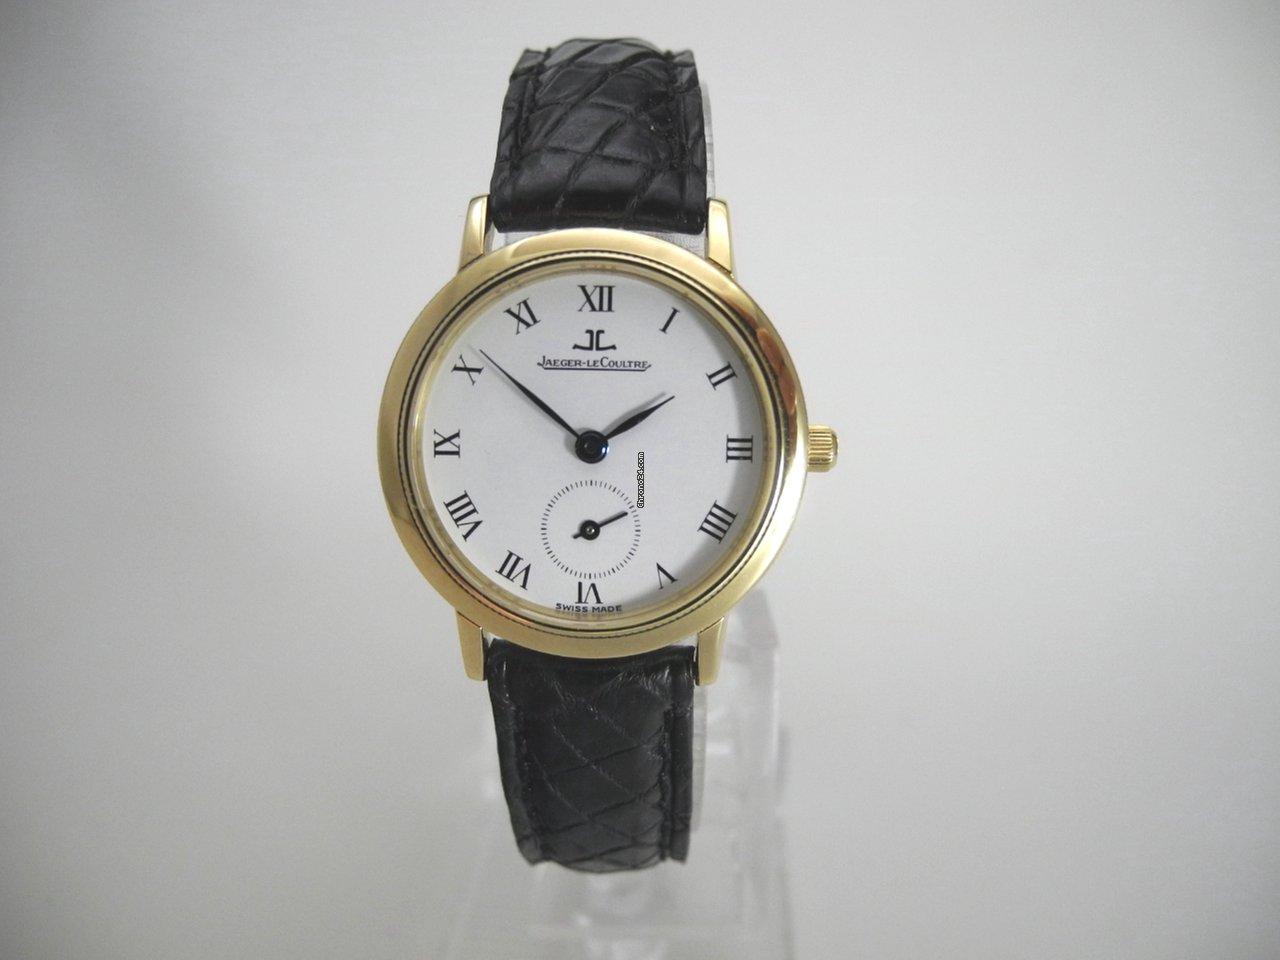 459abaaaa45 Relógios de senhora Jaeger-LeCoultre - Relógios de senhora 1.299 Jaeger- LeCoultre na Chrono24